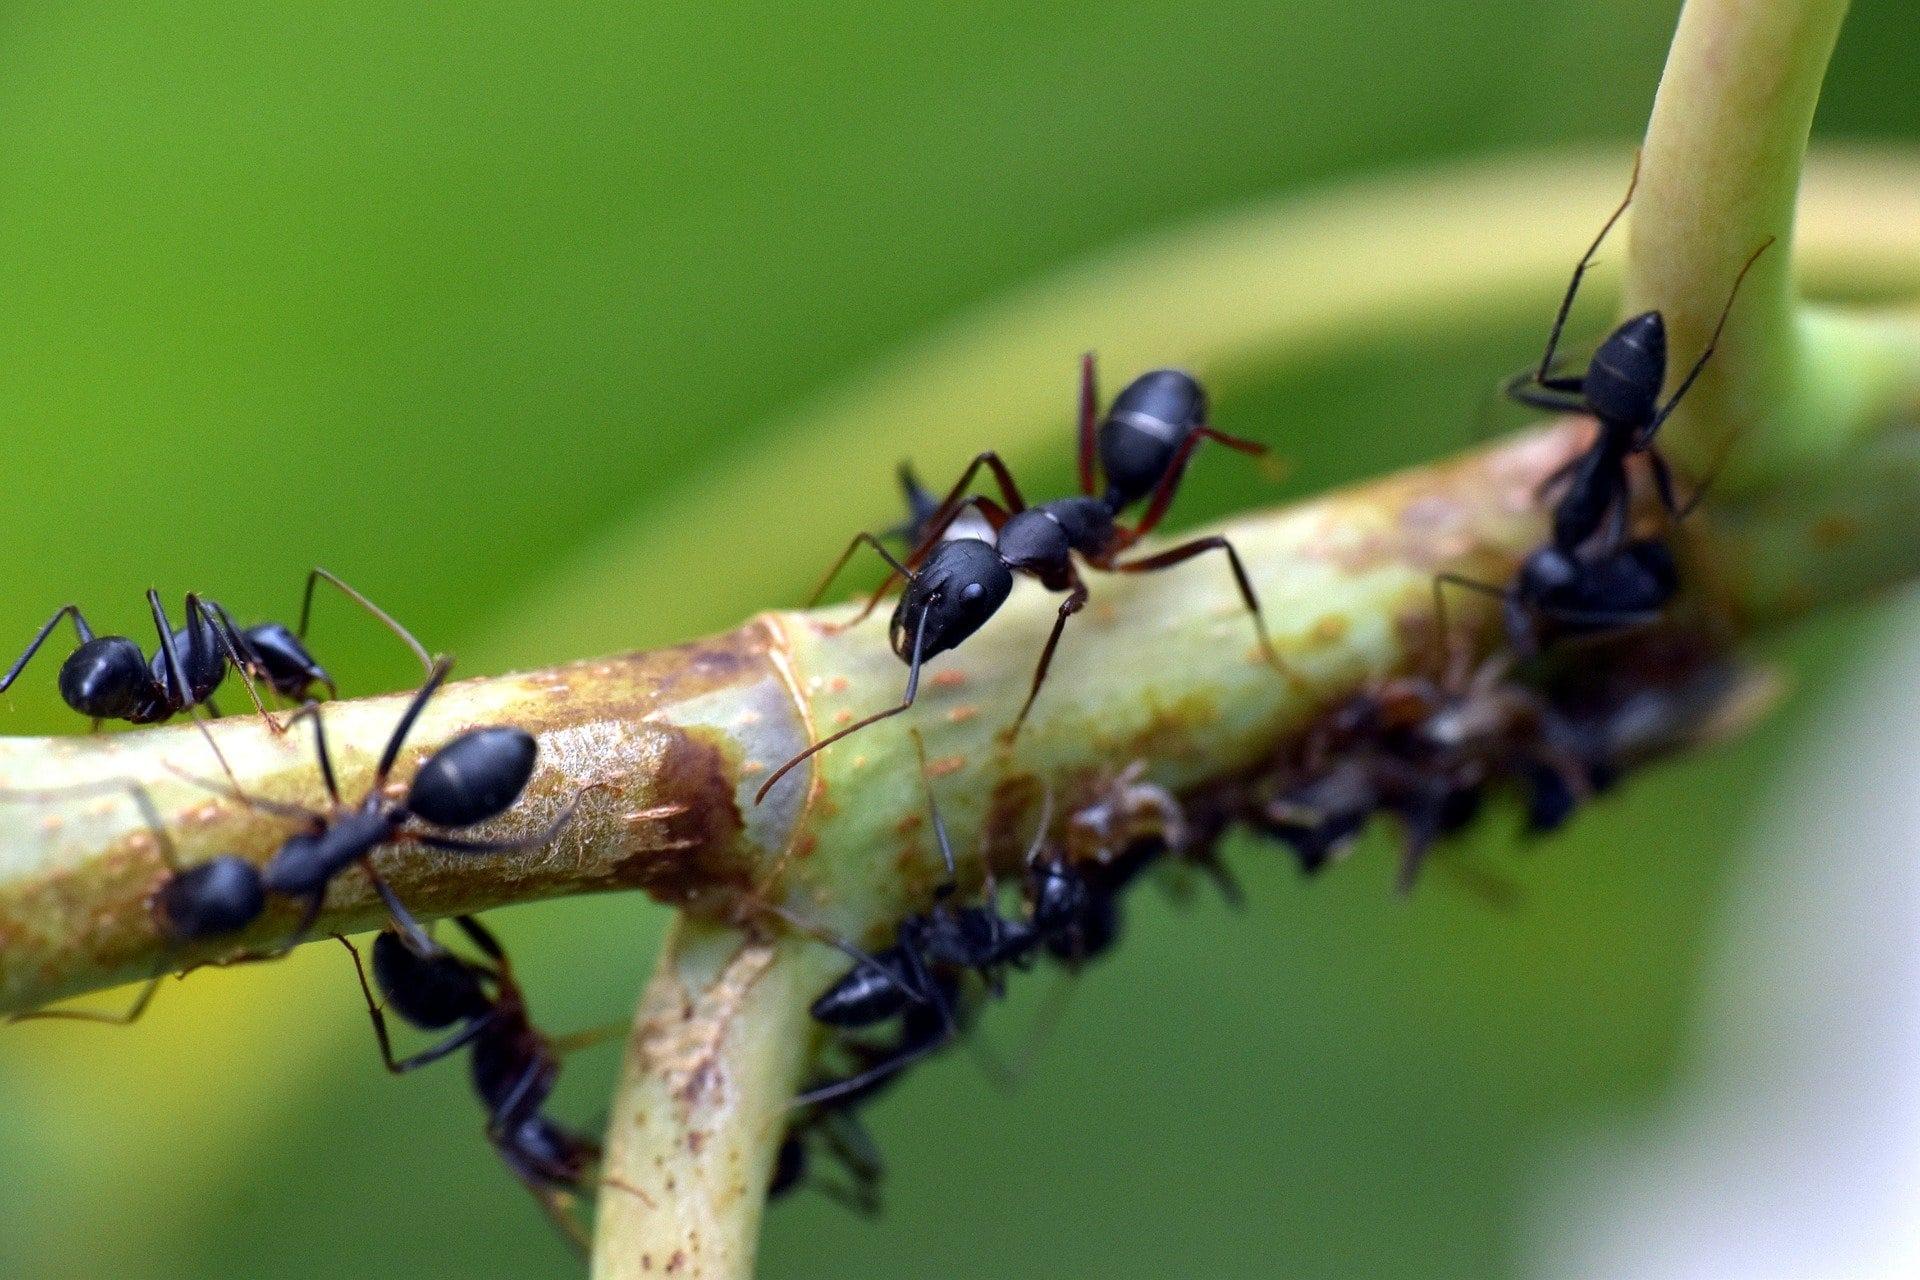 13 Méthodes De Comment Tuer Les Fourmis Dans Le Jardin ... tout Comment Éliminer Des Fourmis Dans Le Jardin